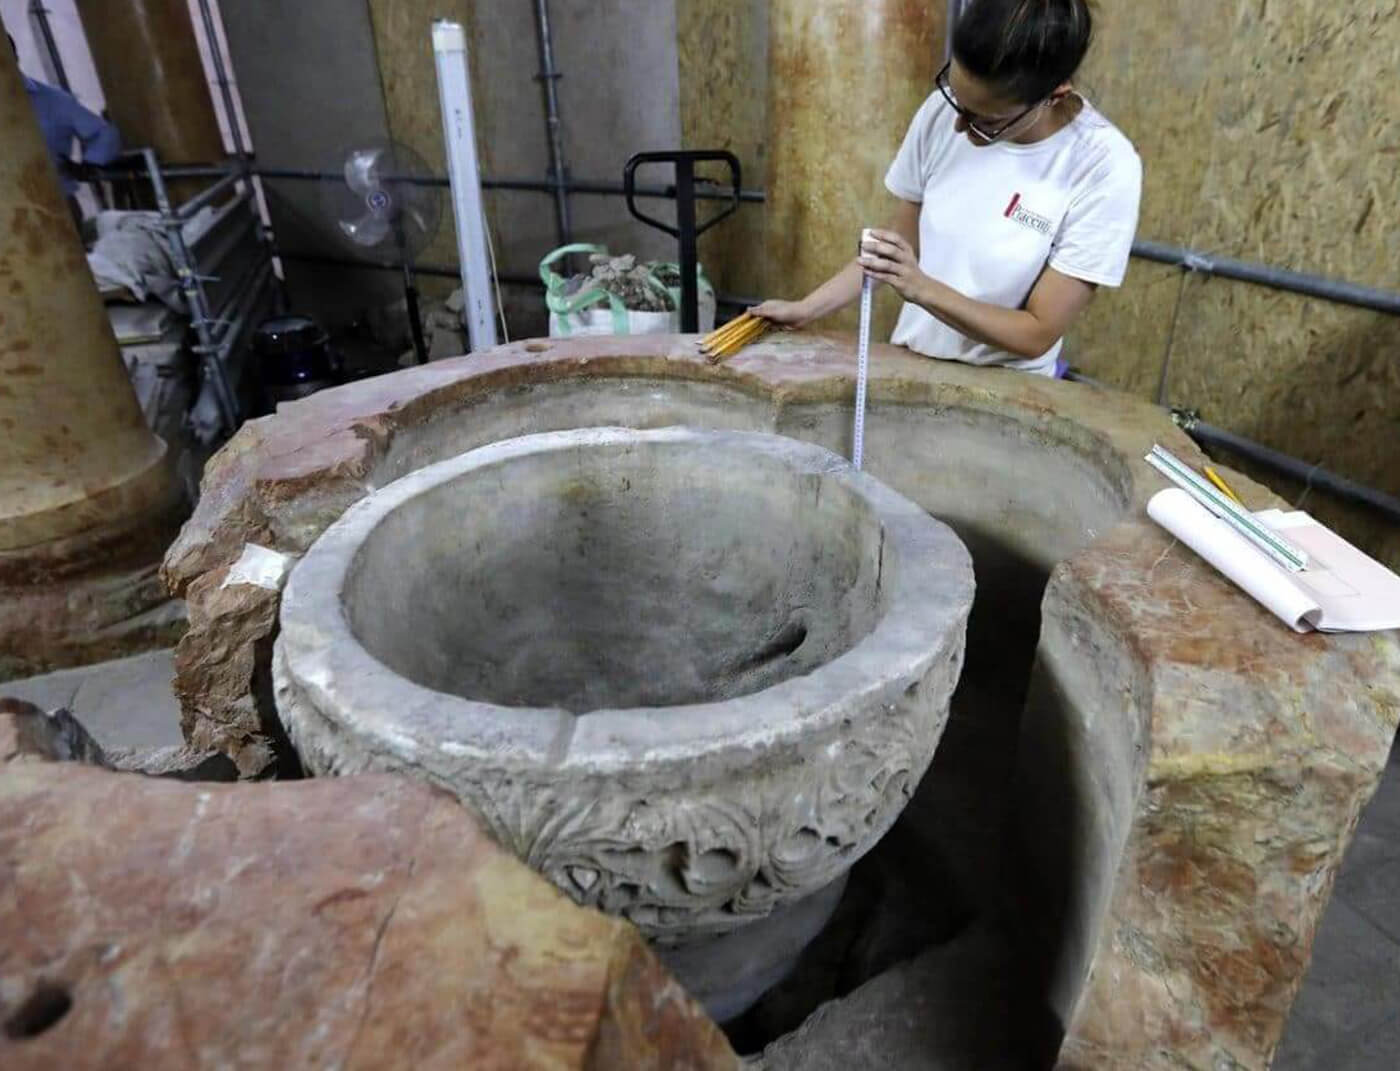 Scoperta fonte battesimale alla Natività di Betlemme - Misurazioni ad opera di un esperto